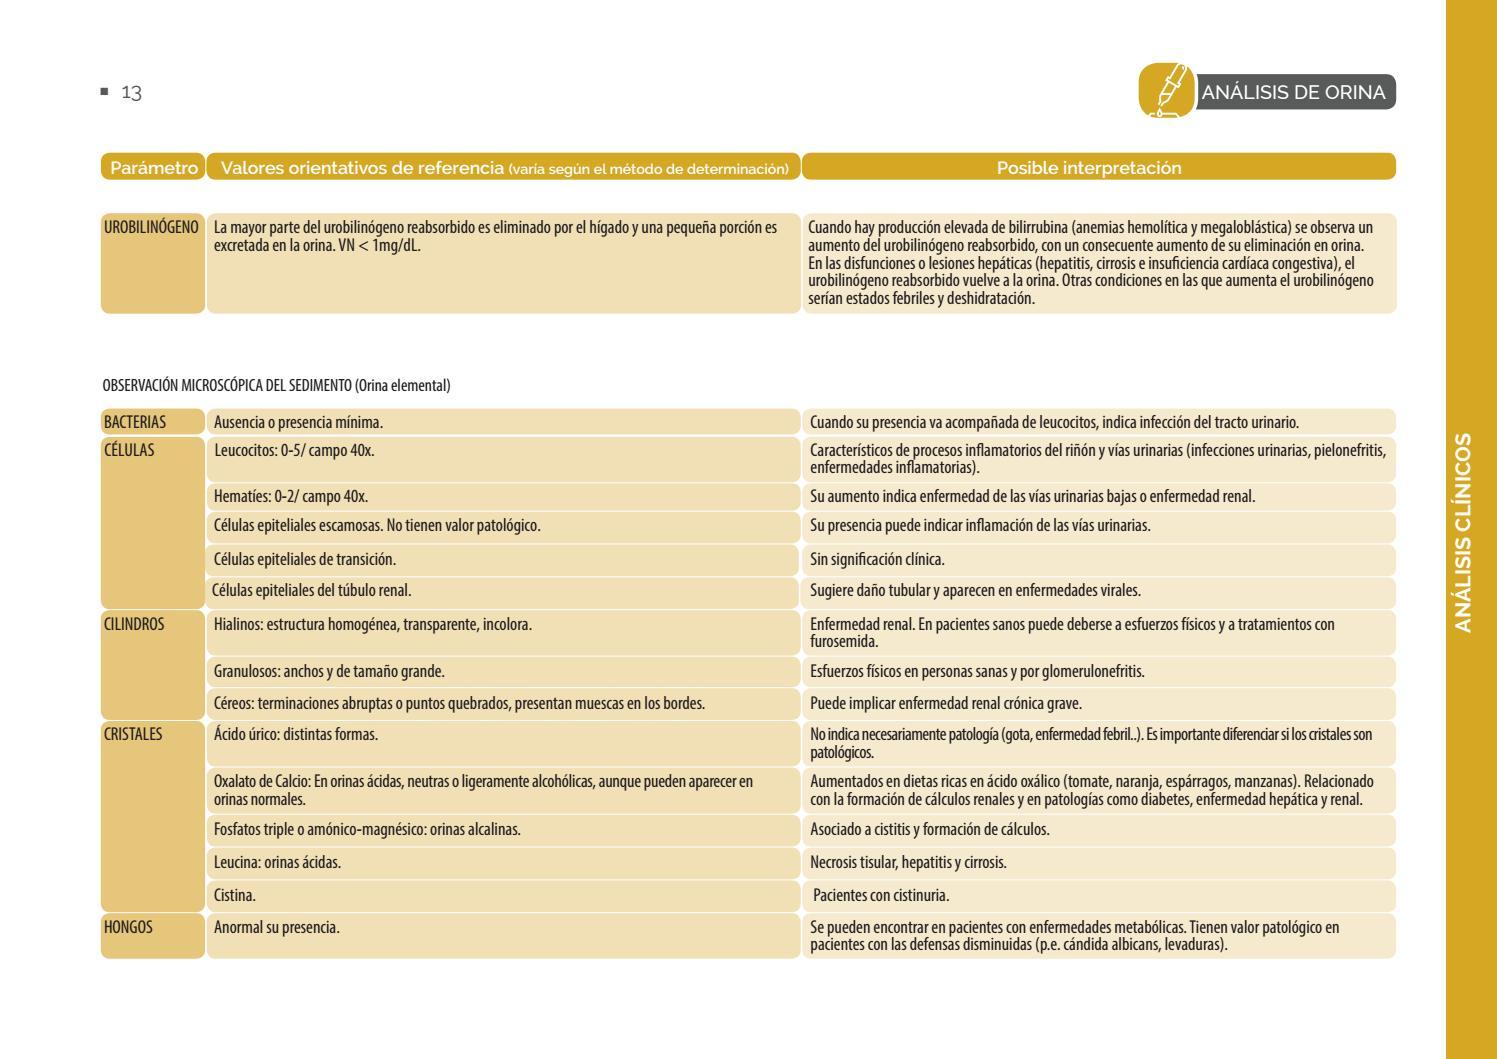 inflamación del tracto urinario sin infección